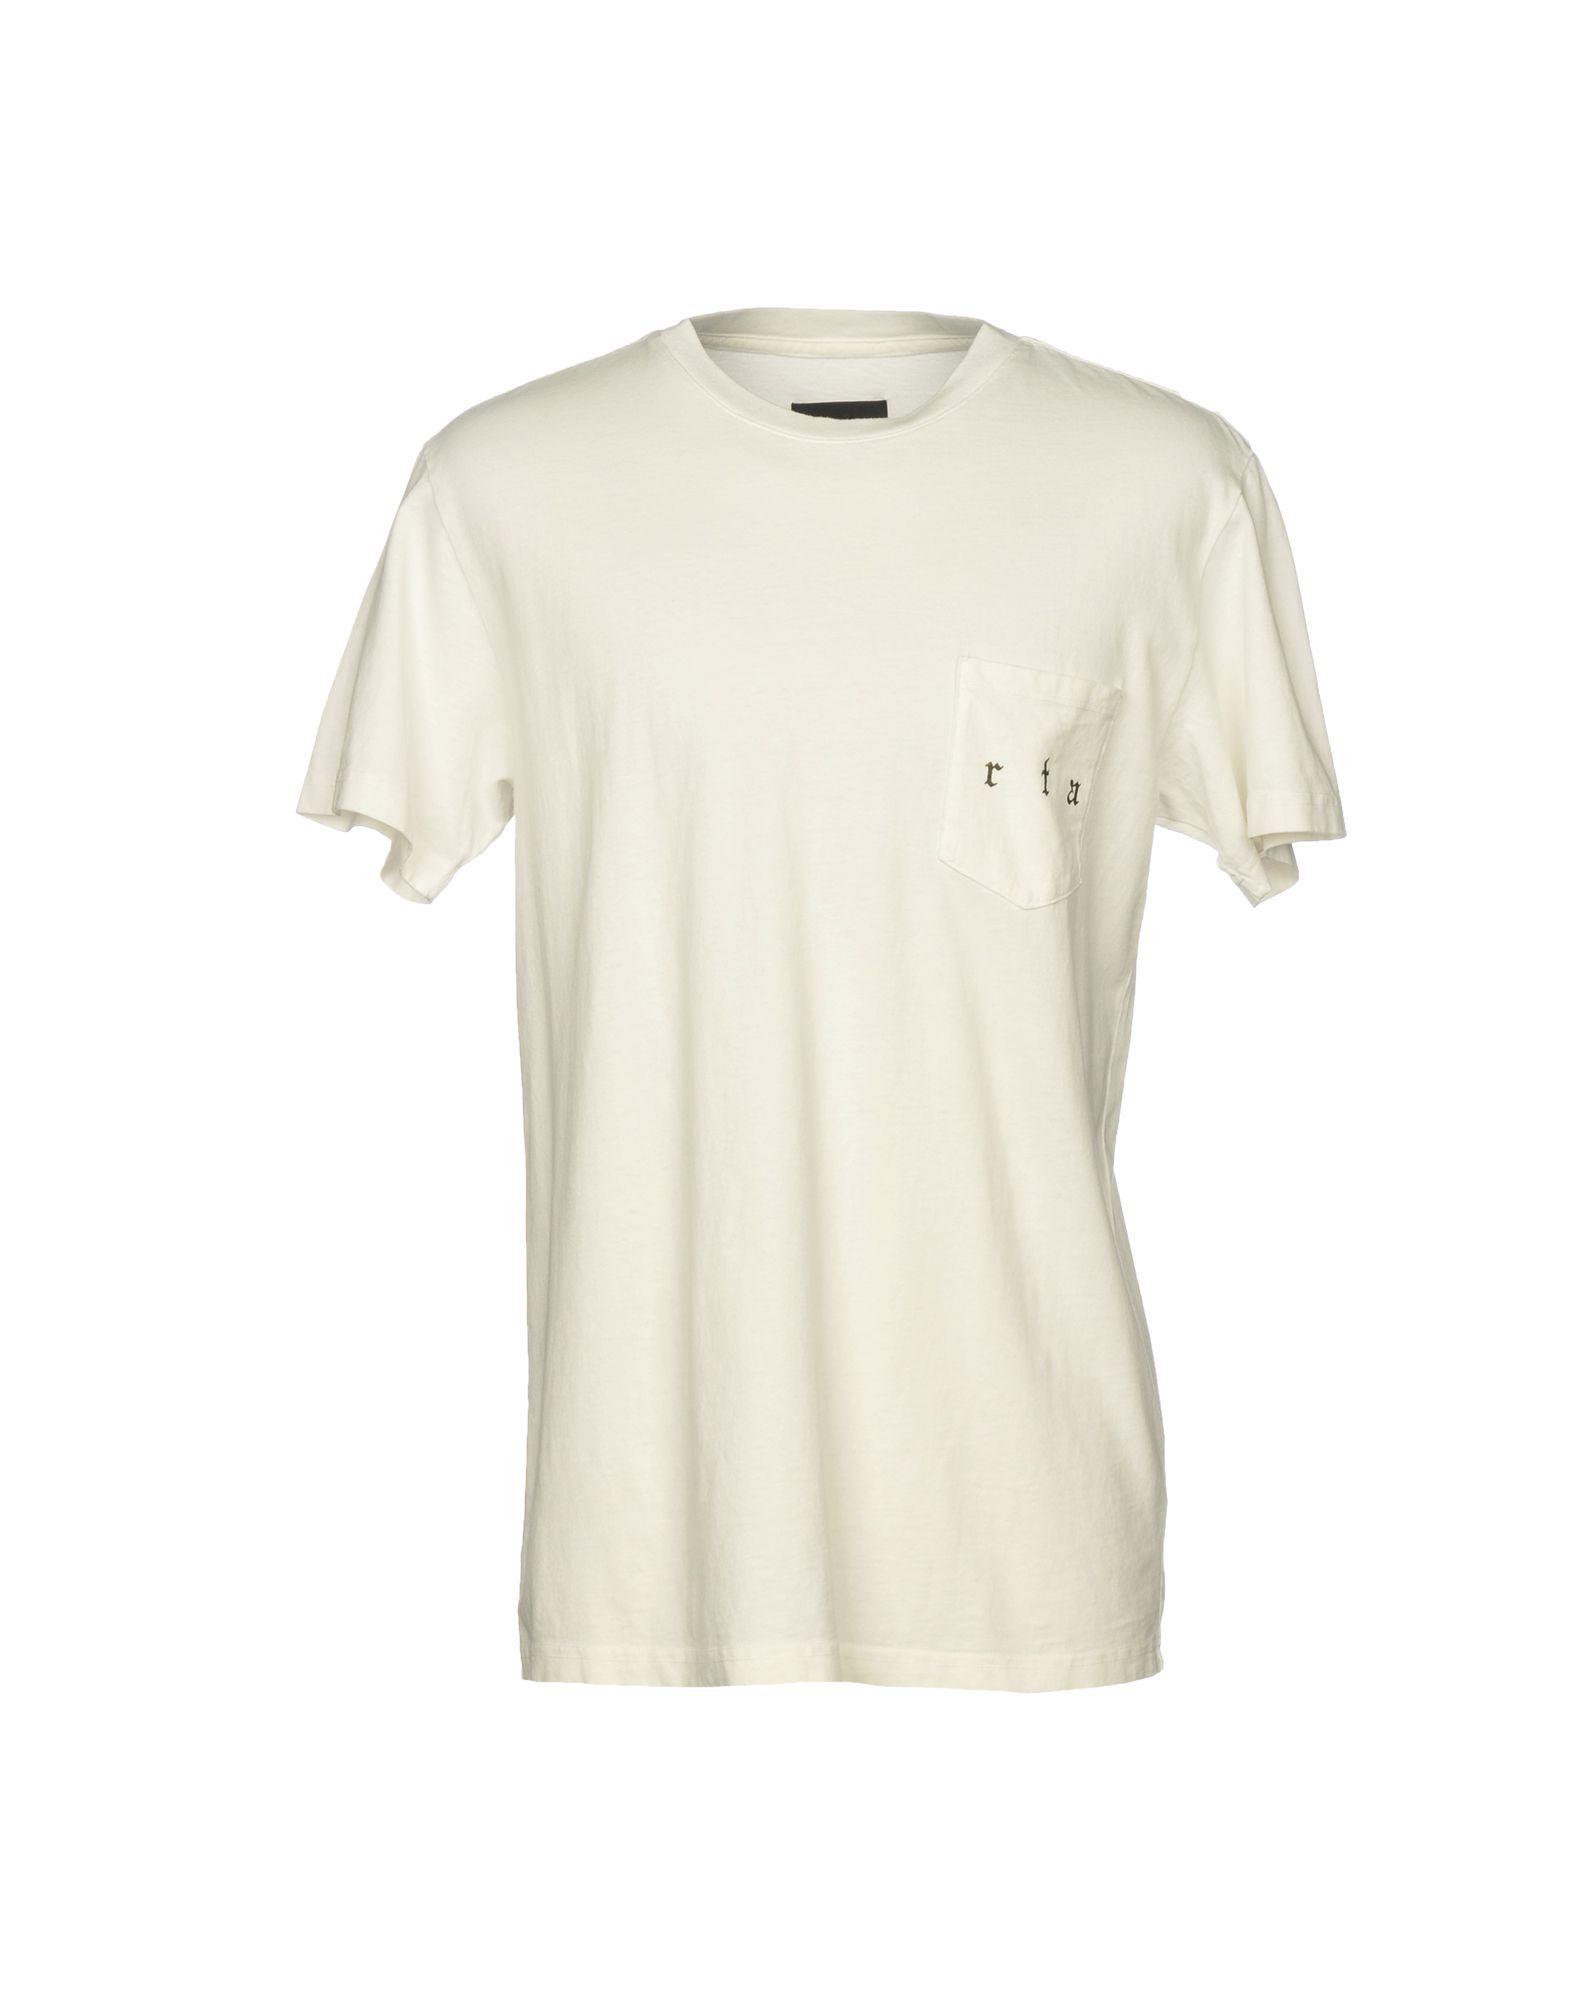 TOPWEAR Man Rta White Cotton